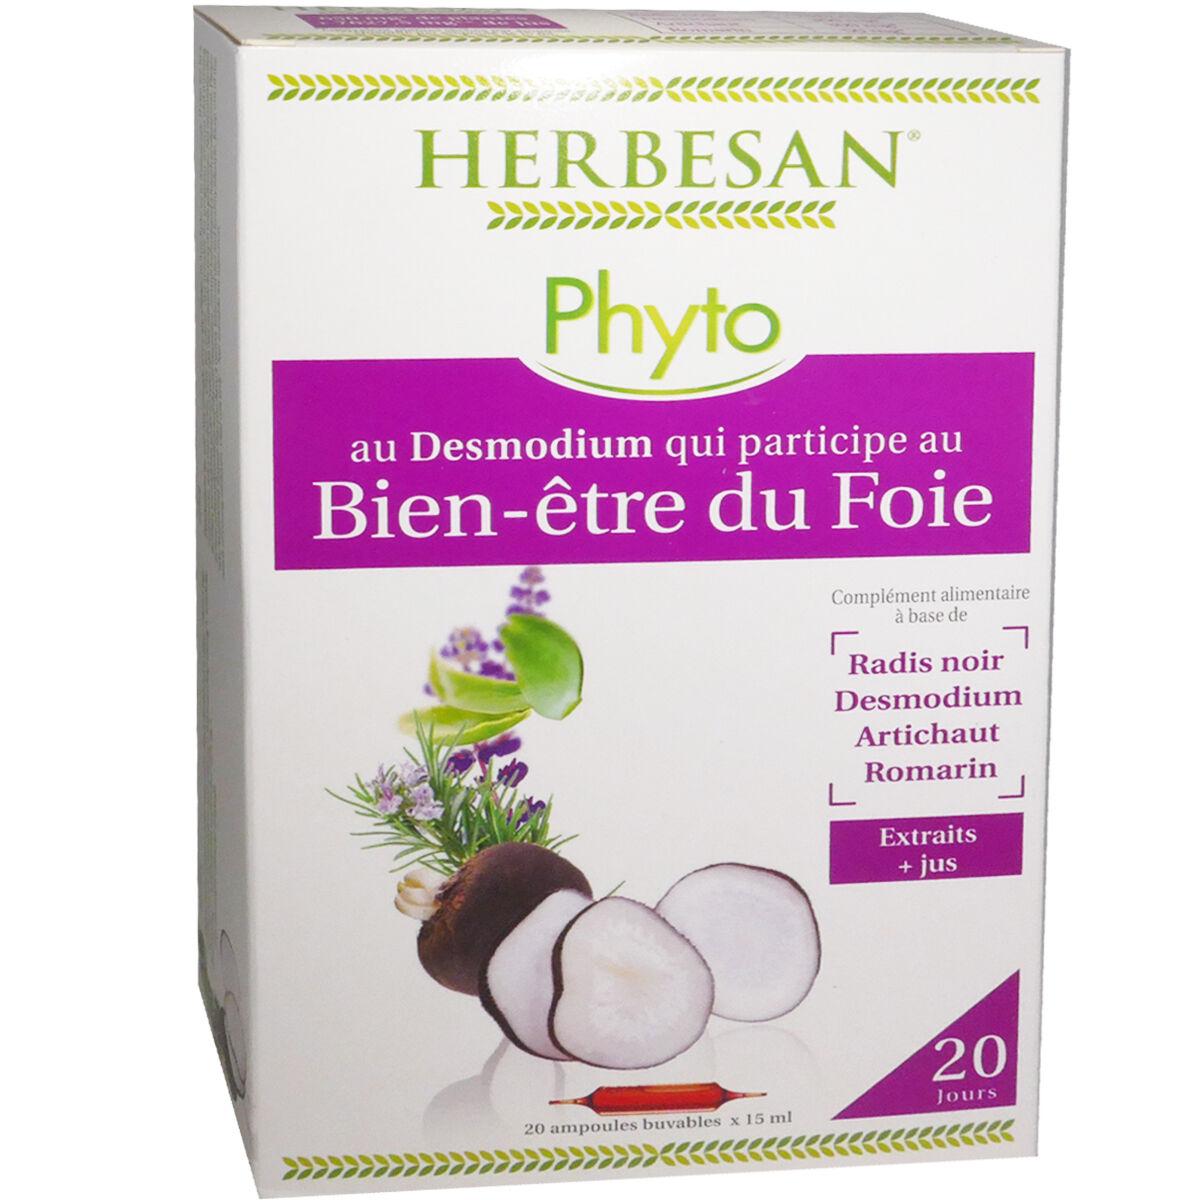 Herbesan phyto bien etre du foie 20 ampoules x 15 ml